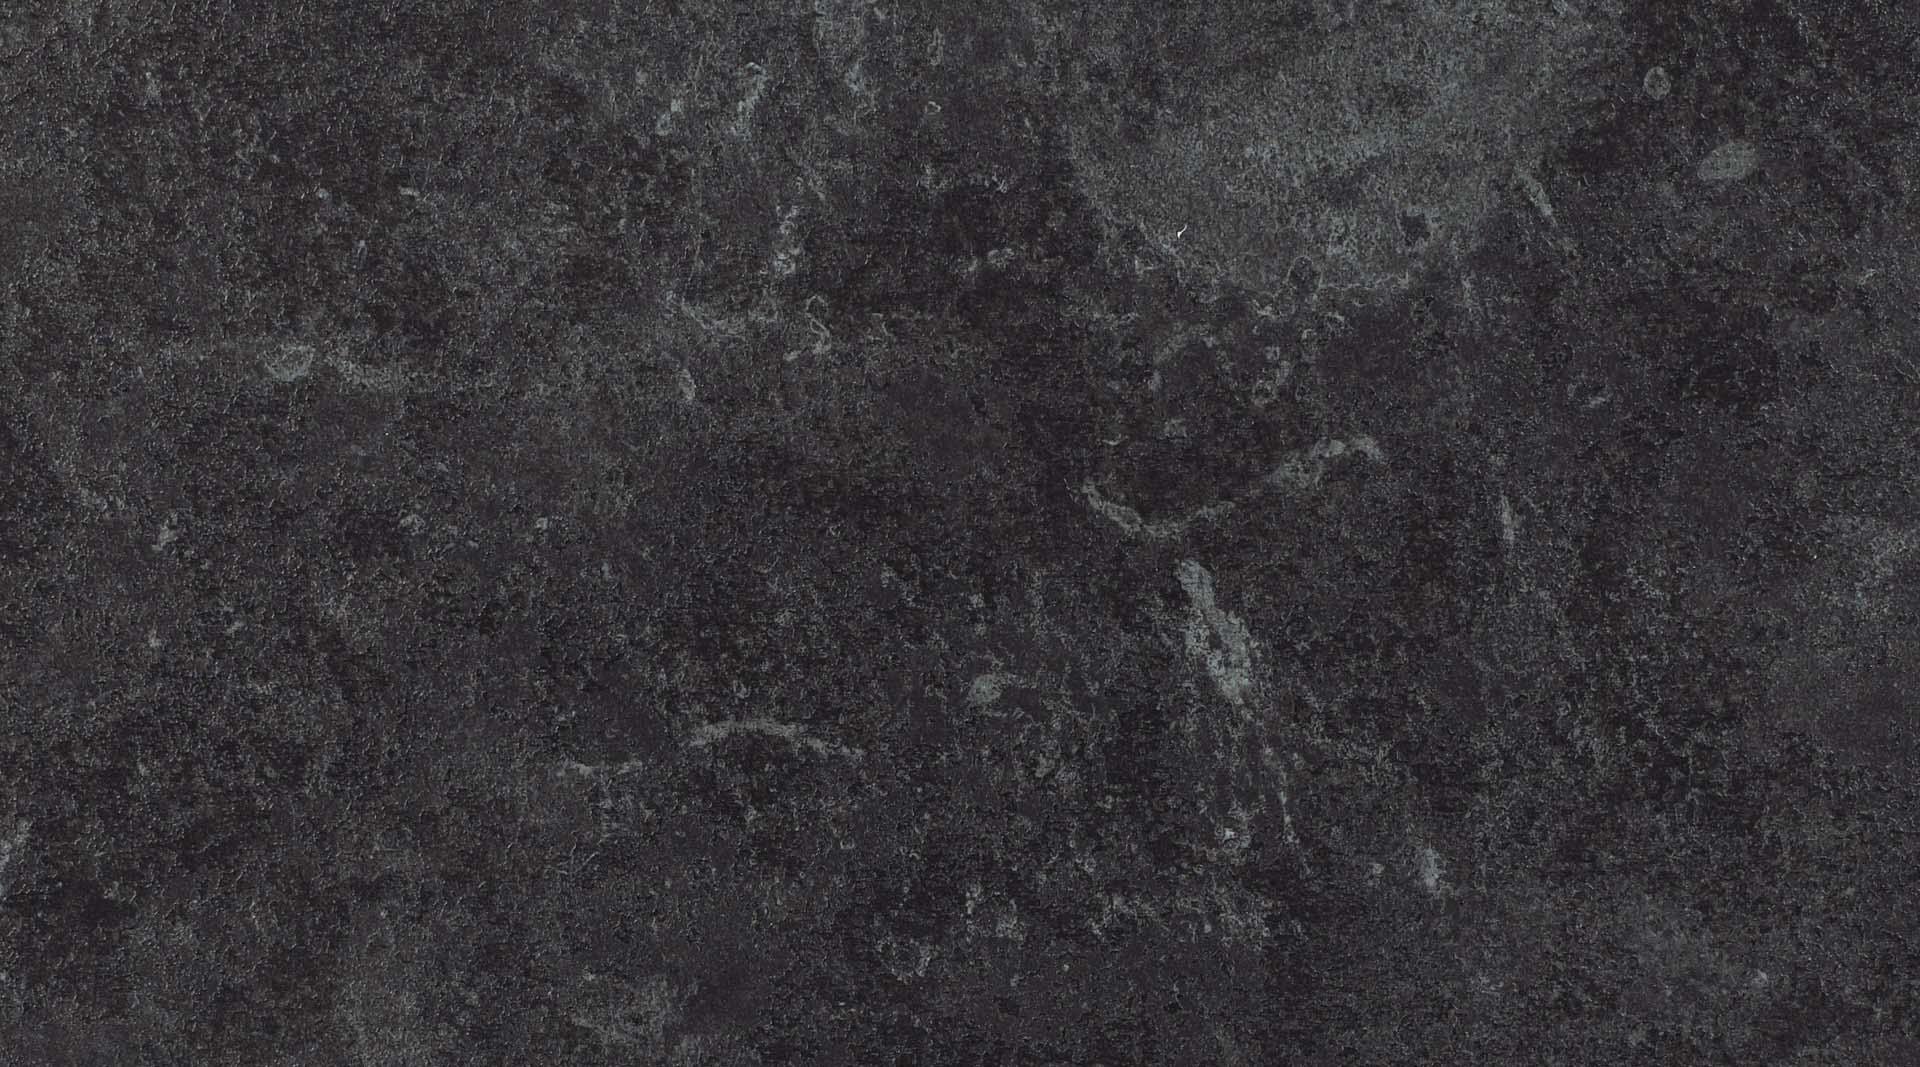 Full Size of Nolte Arbeitsplatte Java Schiefer Arbeitsplatten Dekor Glas Kchenexperte Hannover Küche Sideboard Mit Betten Schlafzimmer Wohnzimmer Nolte Arbeitsplatte Java Schiefer